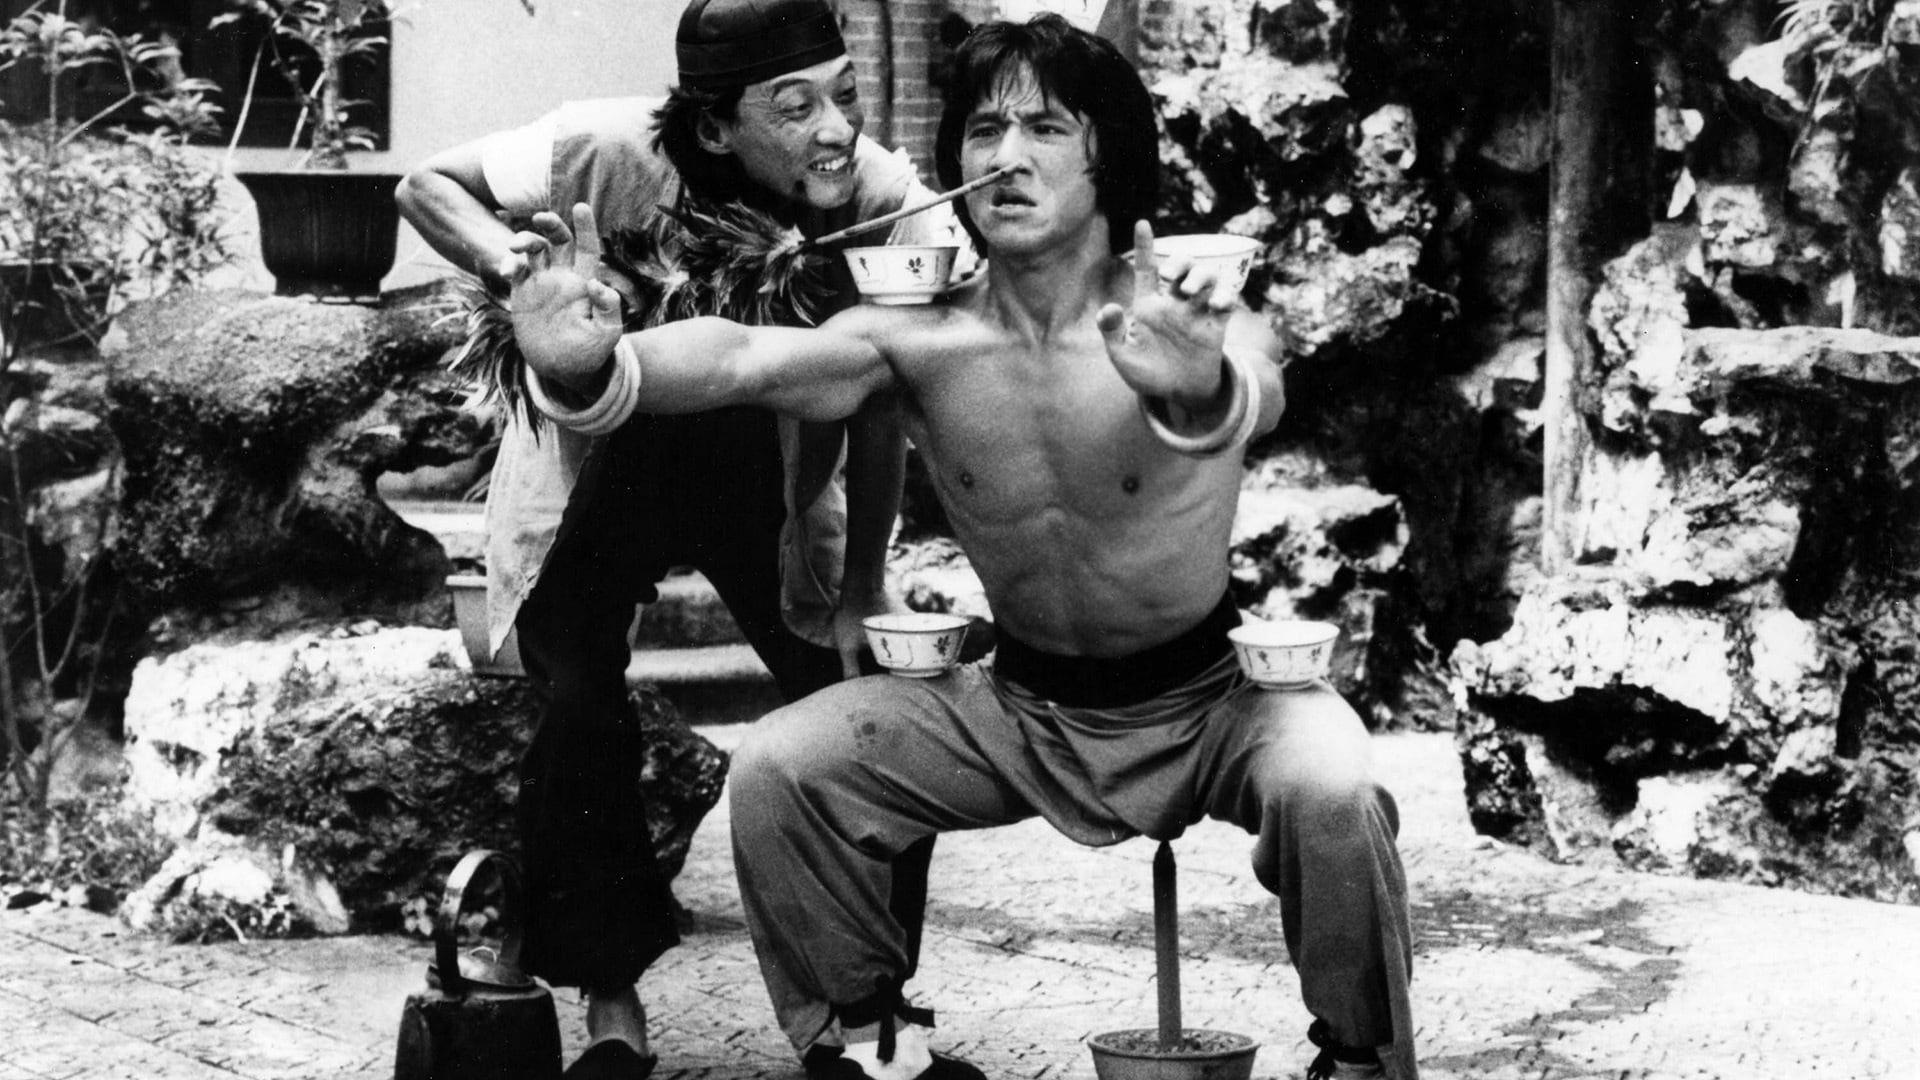 Drunken Master 1978 Streaming Ita Cb01 Film Completo Italiano Altadefinizione Un Indisciplinato Giovane Studente Di Kung F Kung Fu Films Complets Avengers Film